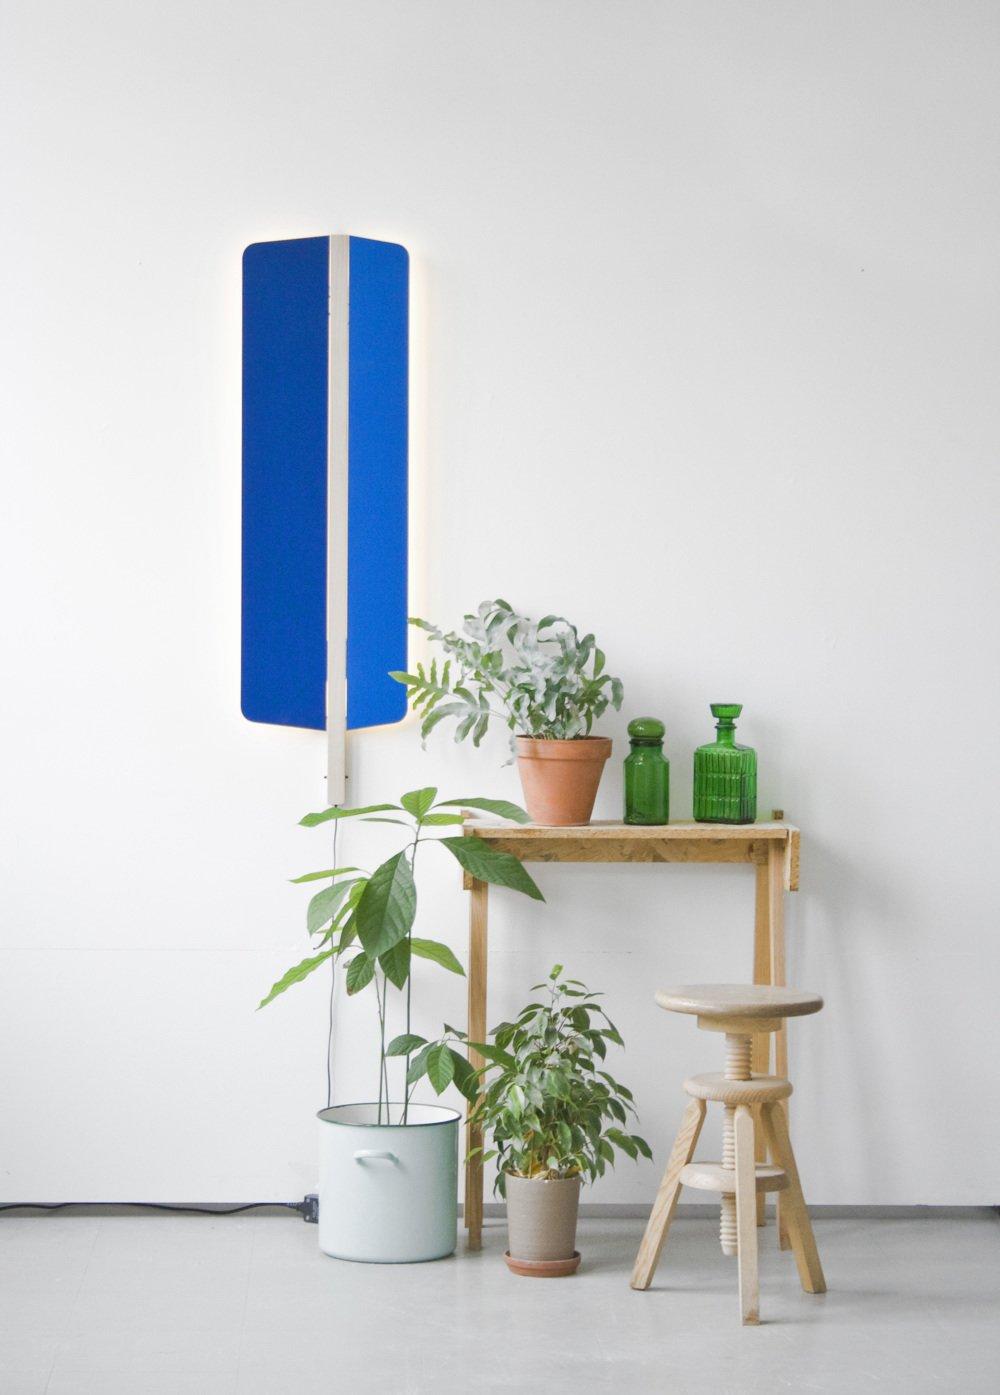 #furniture #FerréolBabin #designer #modern #set #lighting #lightdesign #royalblue #ultsmarine #voiles  60+ Modern Lighting Solutions by Dwell from VOILES Light